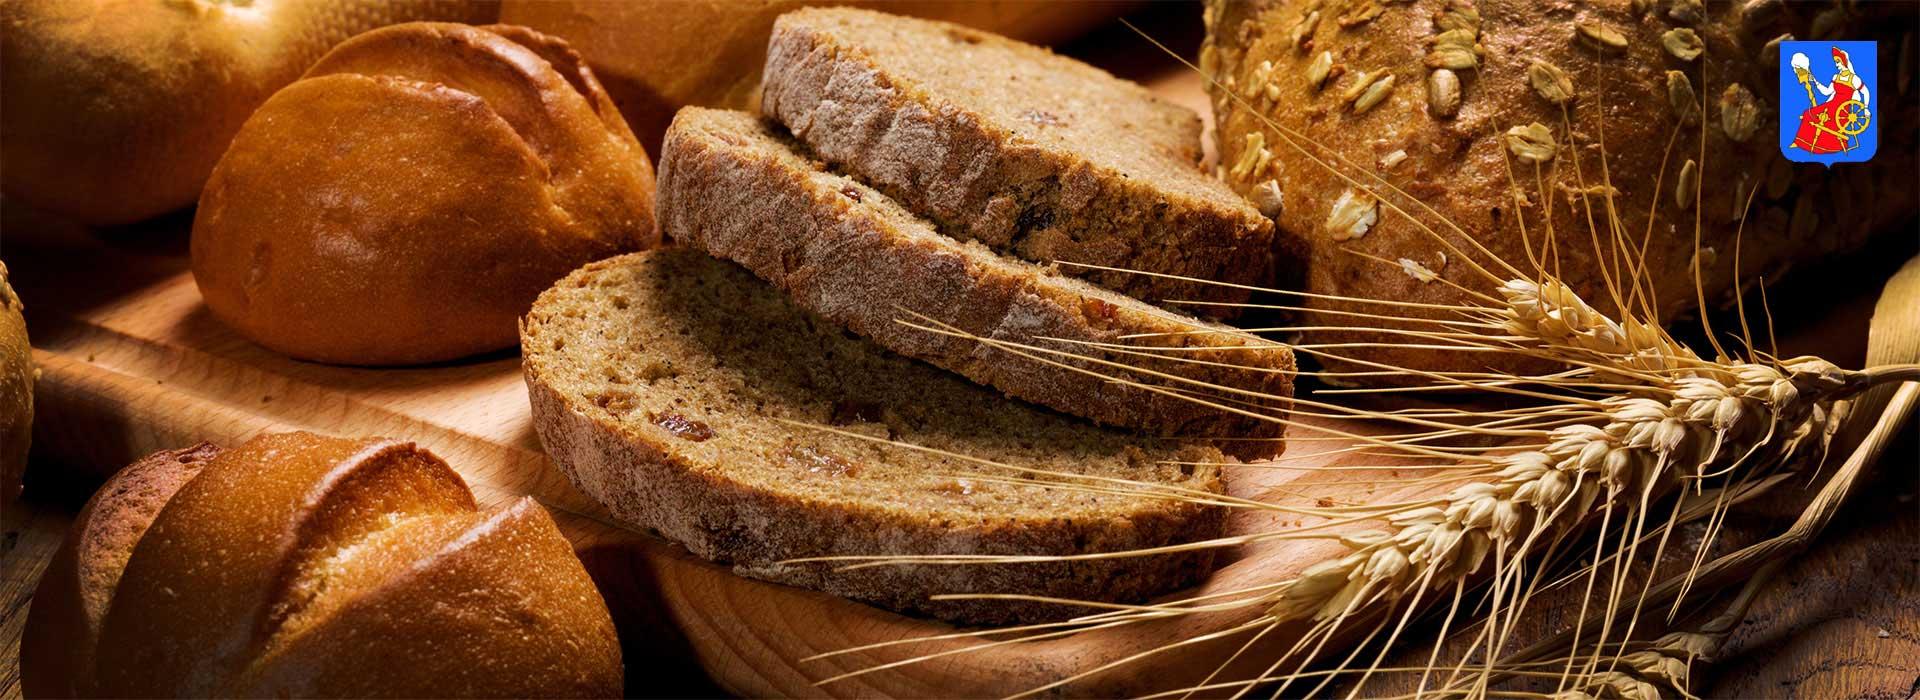 Развитие предприятия хлебопродуктов (хлеб)